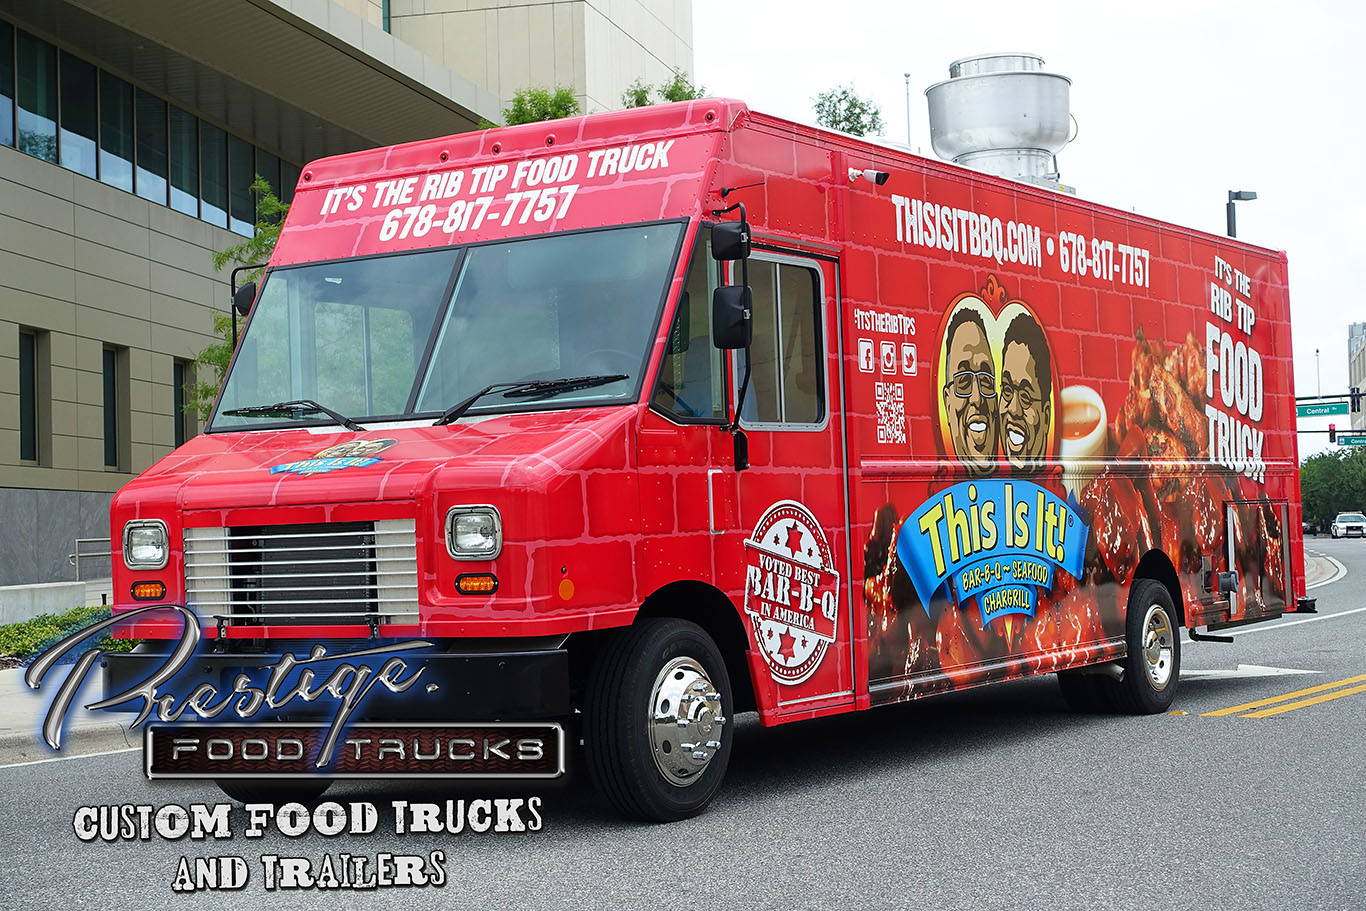 Prestige custom food truck